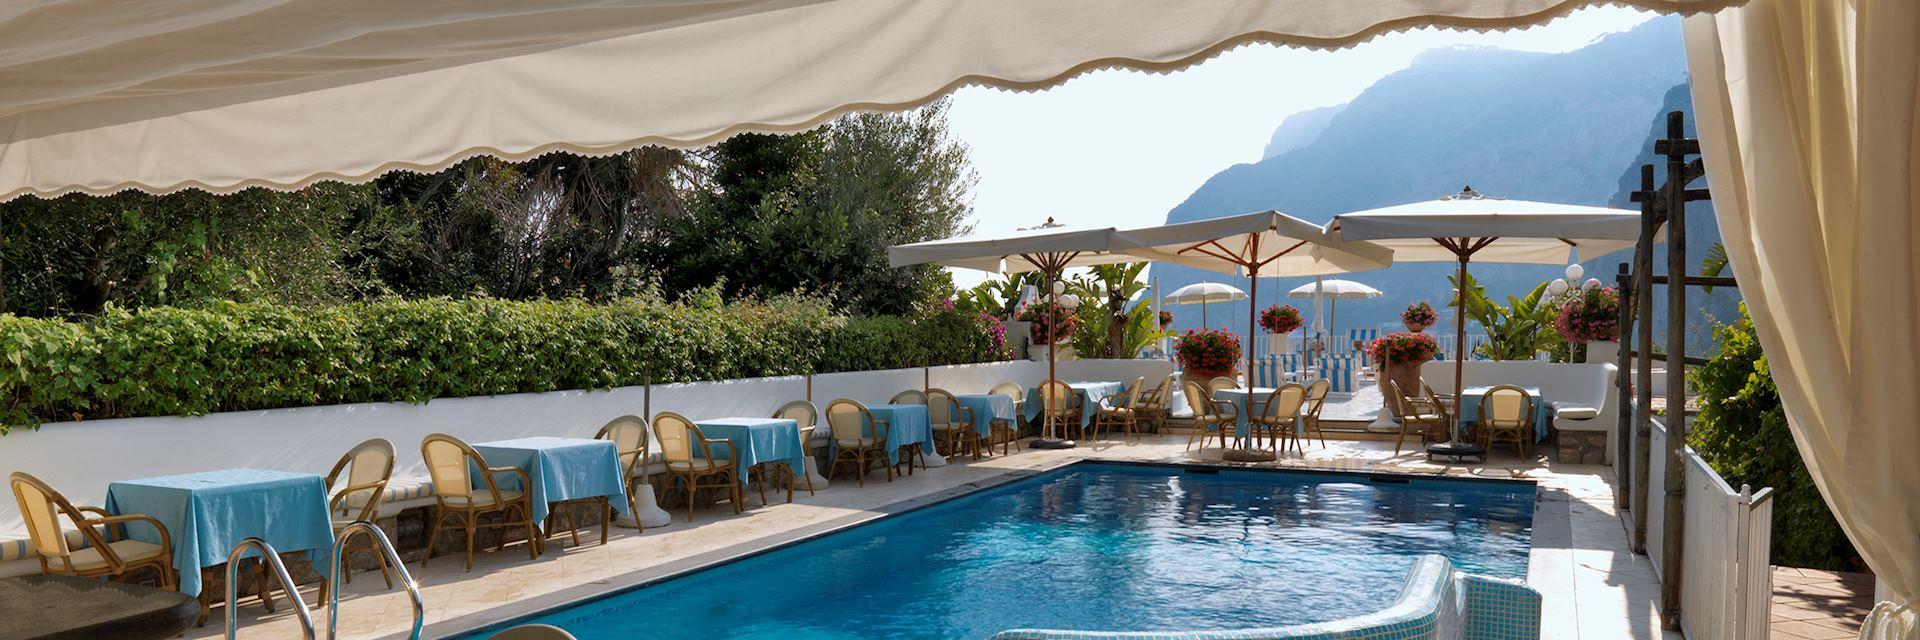 Villa Brunella, Capri